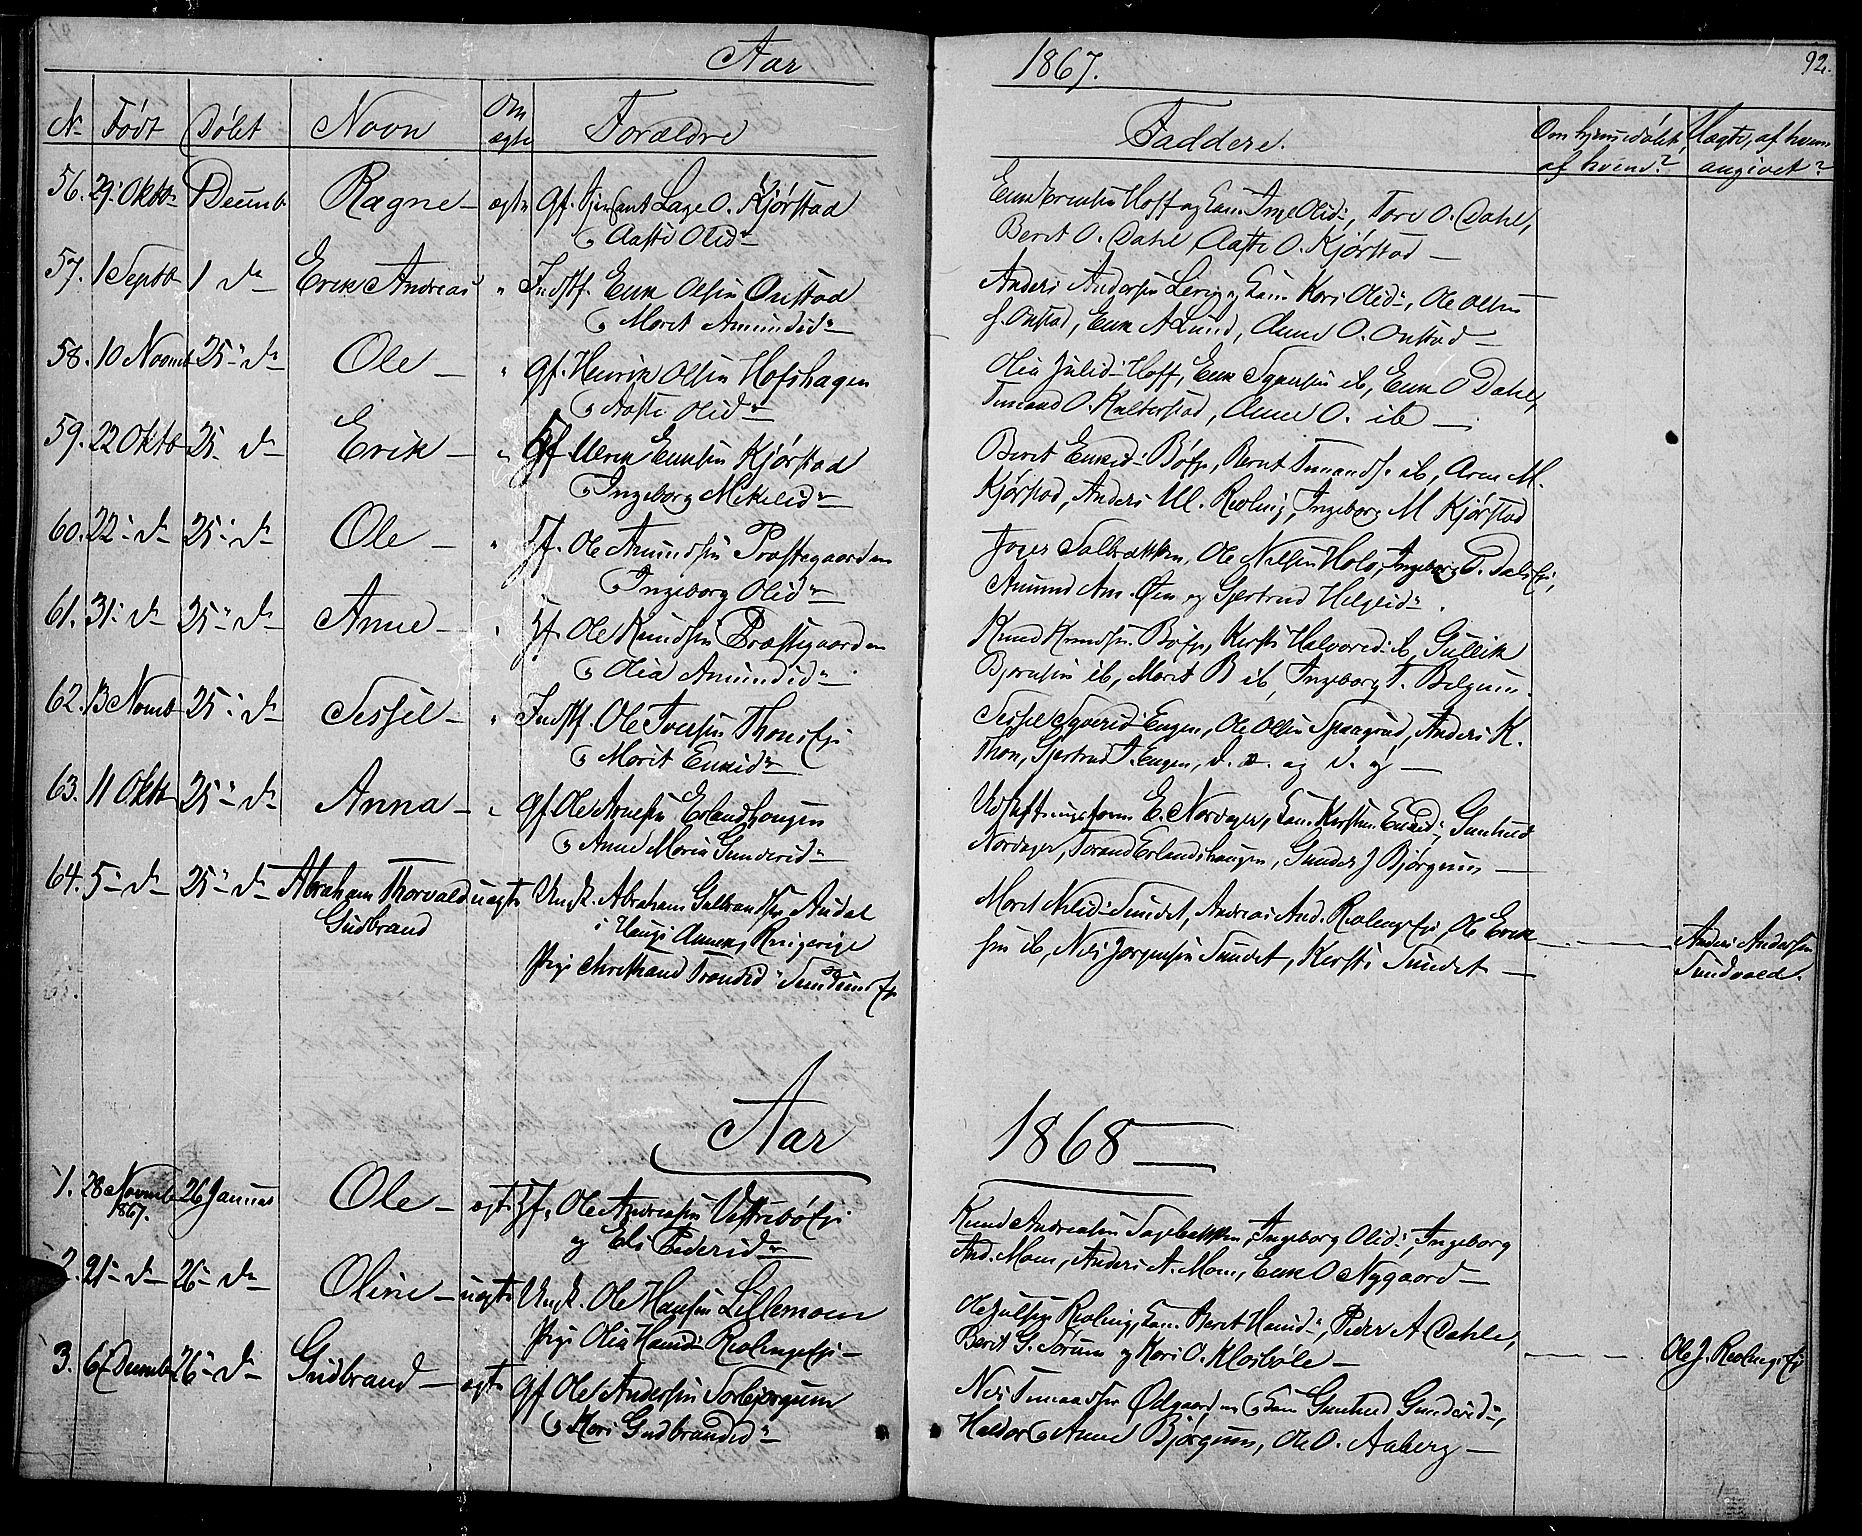 SAH, Nord-Aurdal prestekontor, Klokkerbok nr. 2, 1842-1877, s. 92